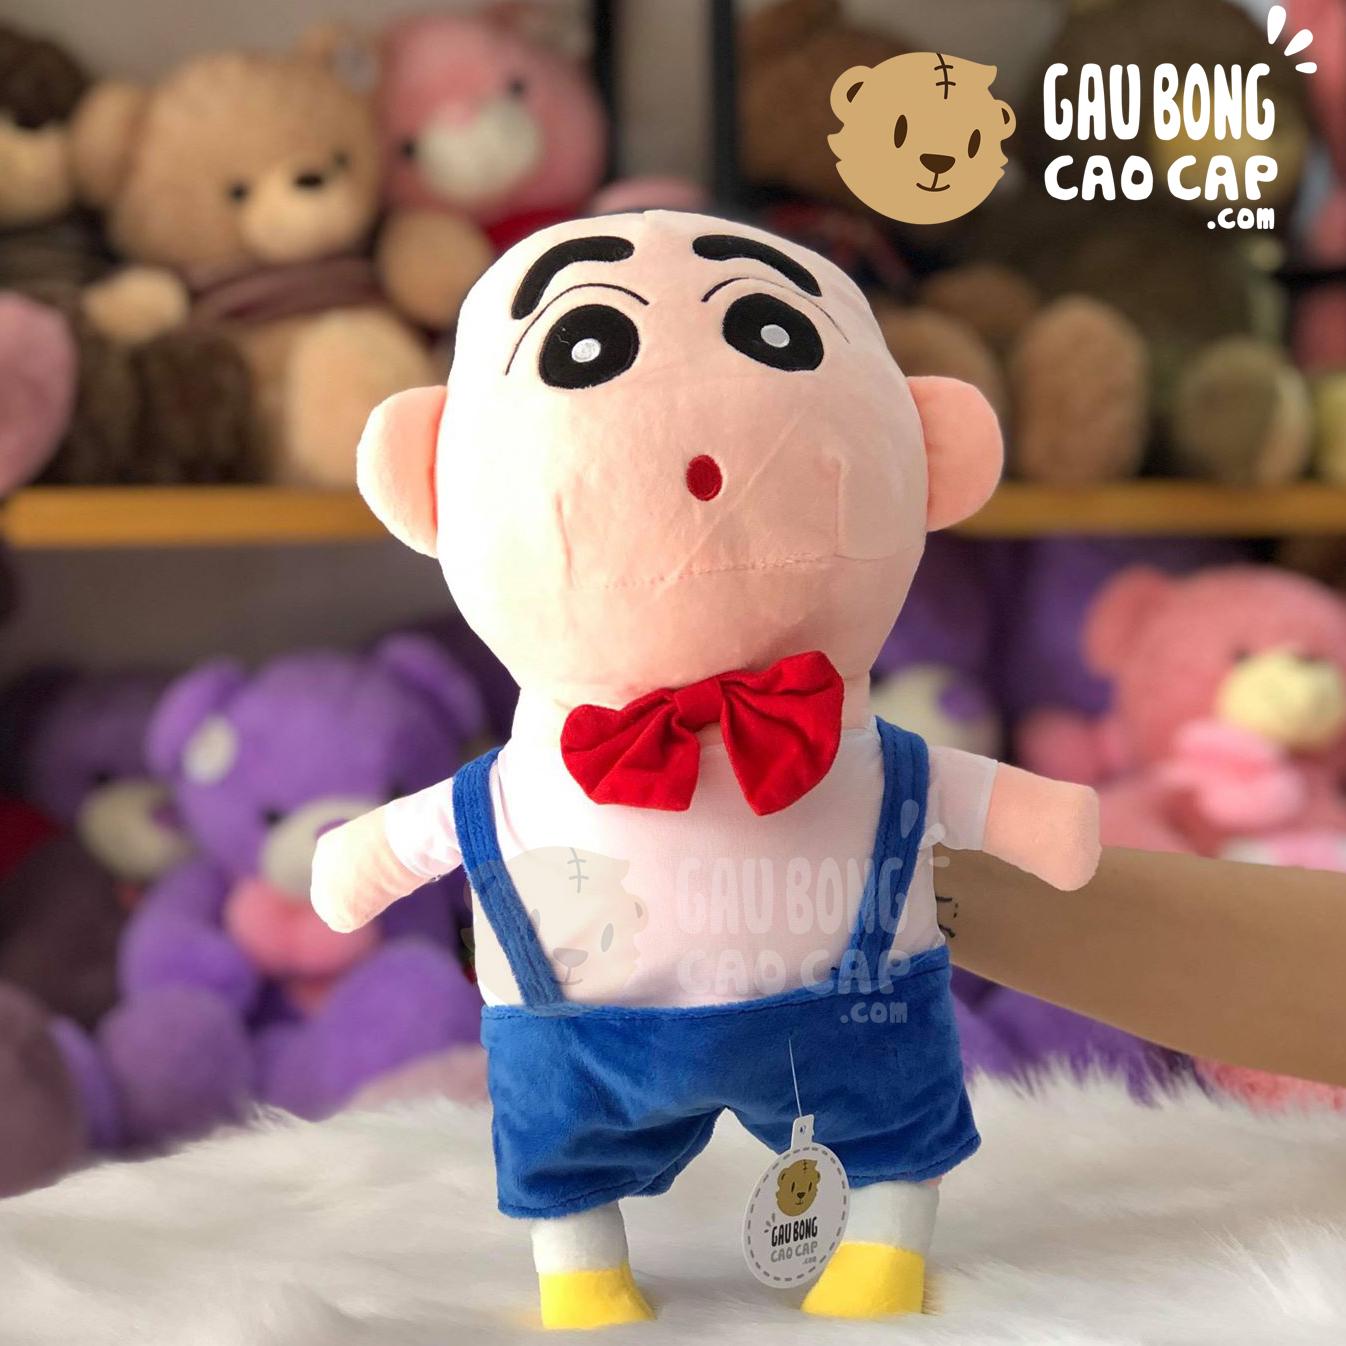 Gấu Bông SHIN mặc đồ học sinh